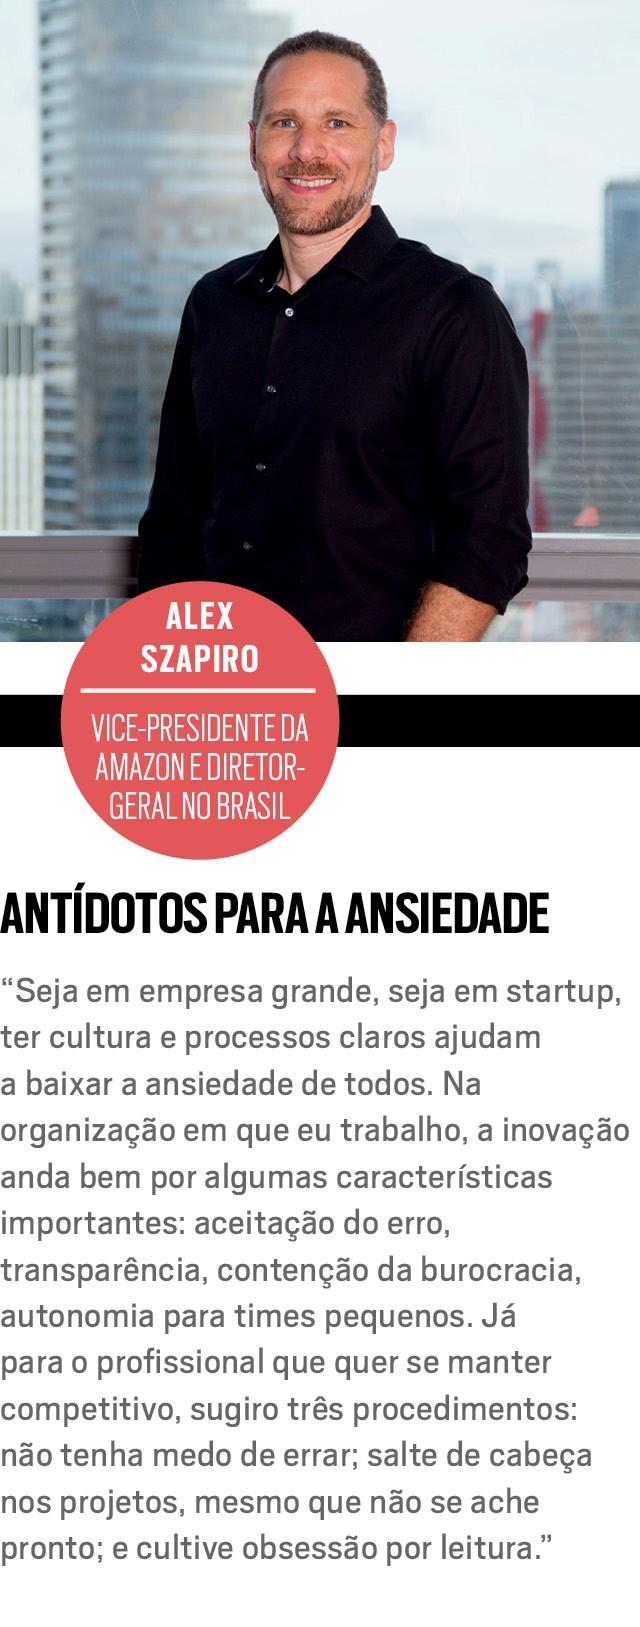 Alex Szapiro, vice-presidente da Amazon e diretor- geral no Brasil (Foto: Divulgação)